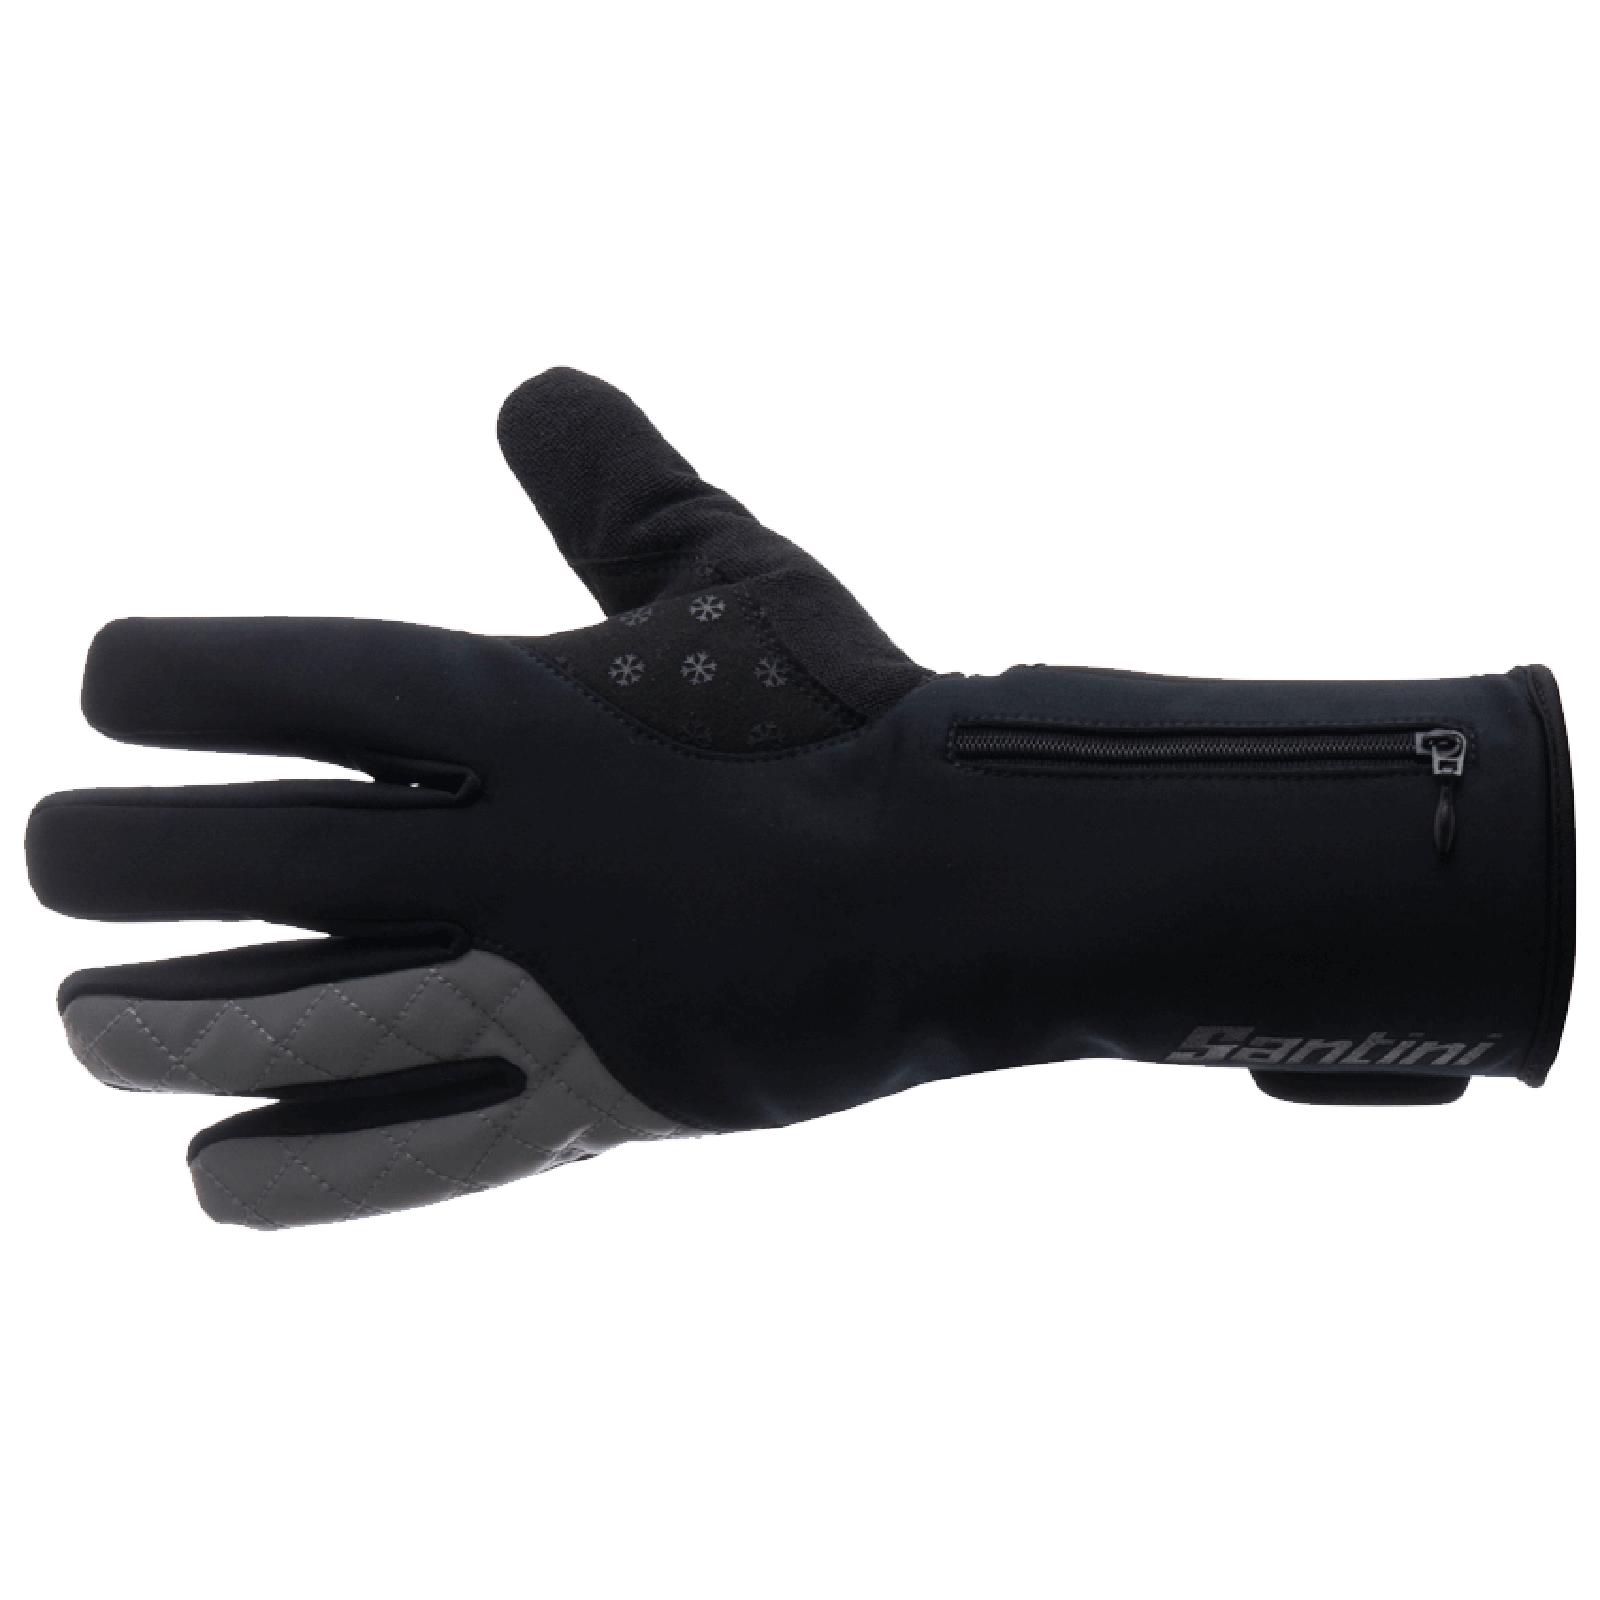 Santini Fjord Extreme Winter Gloves - Black | Handsker